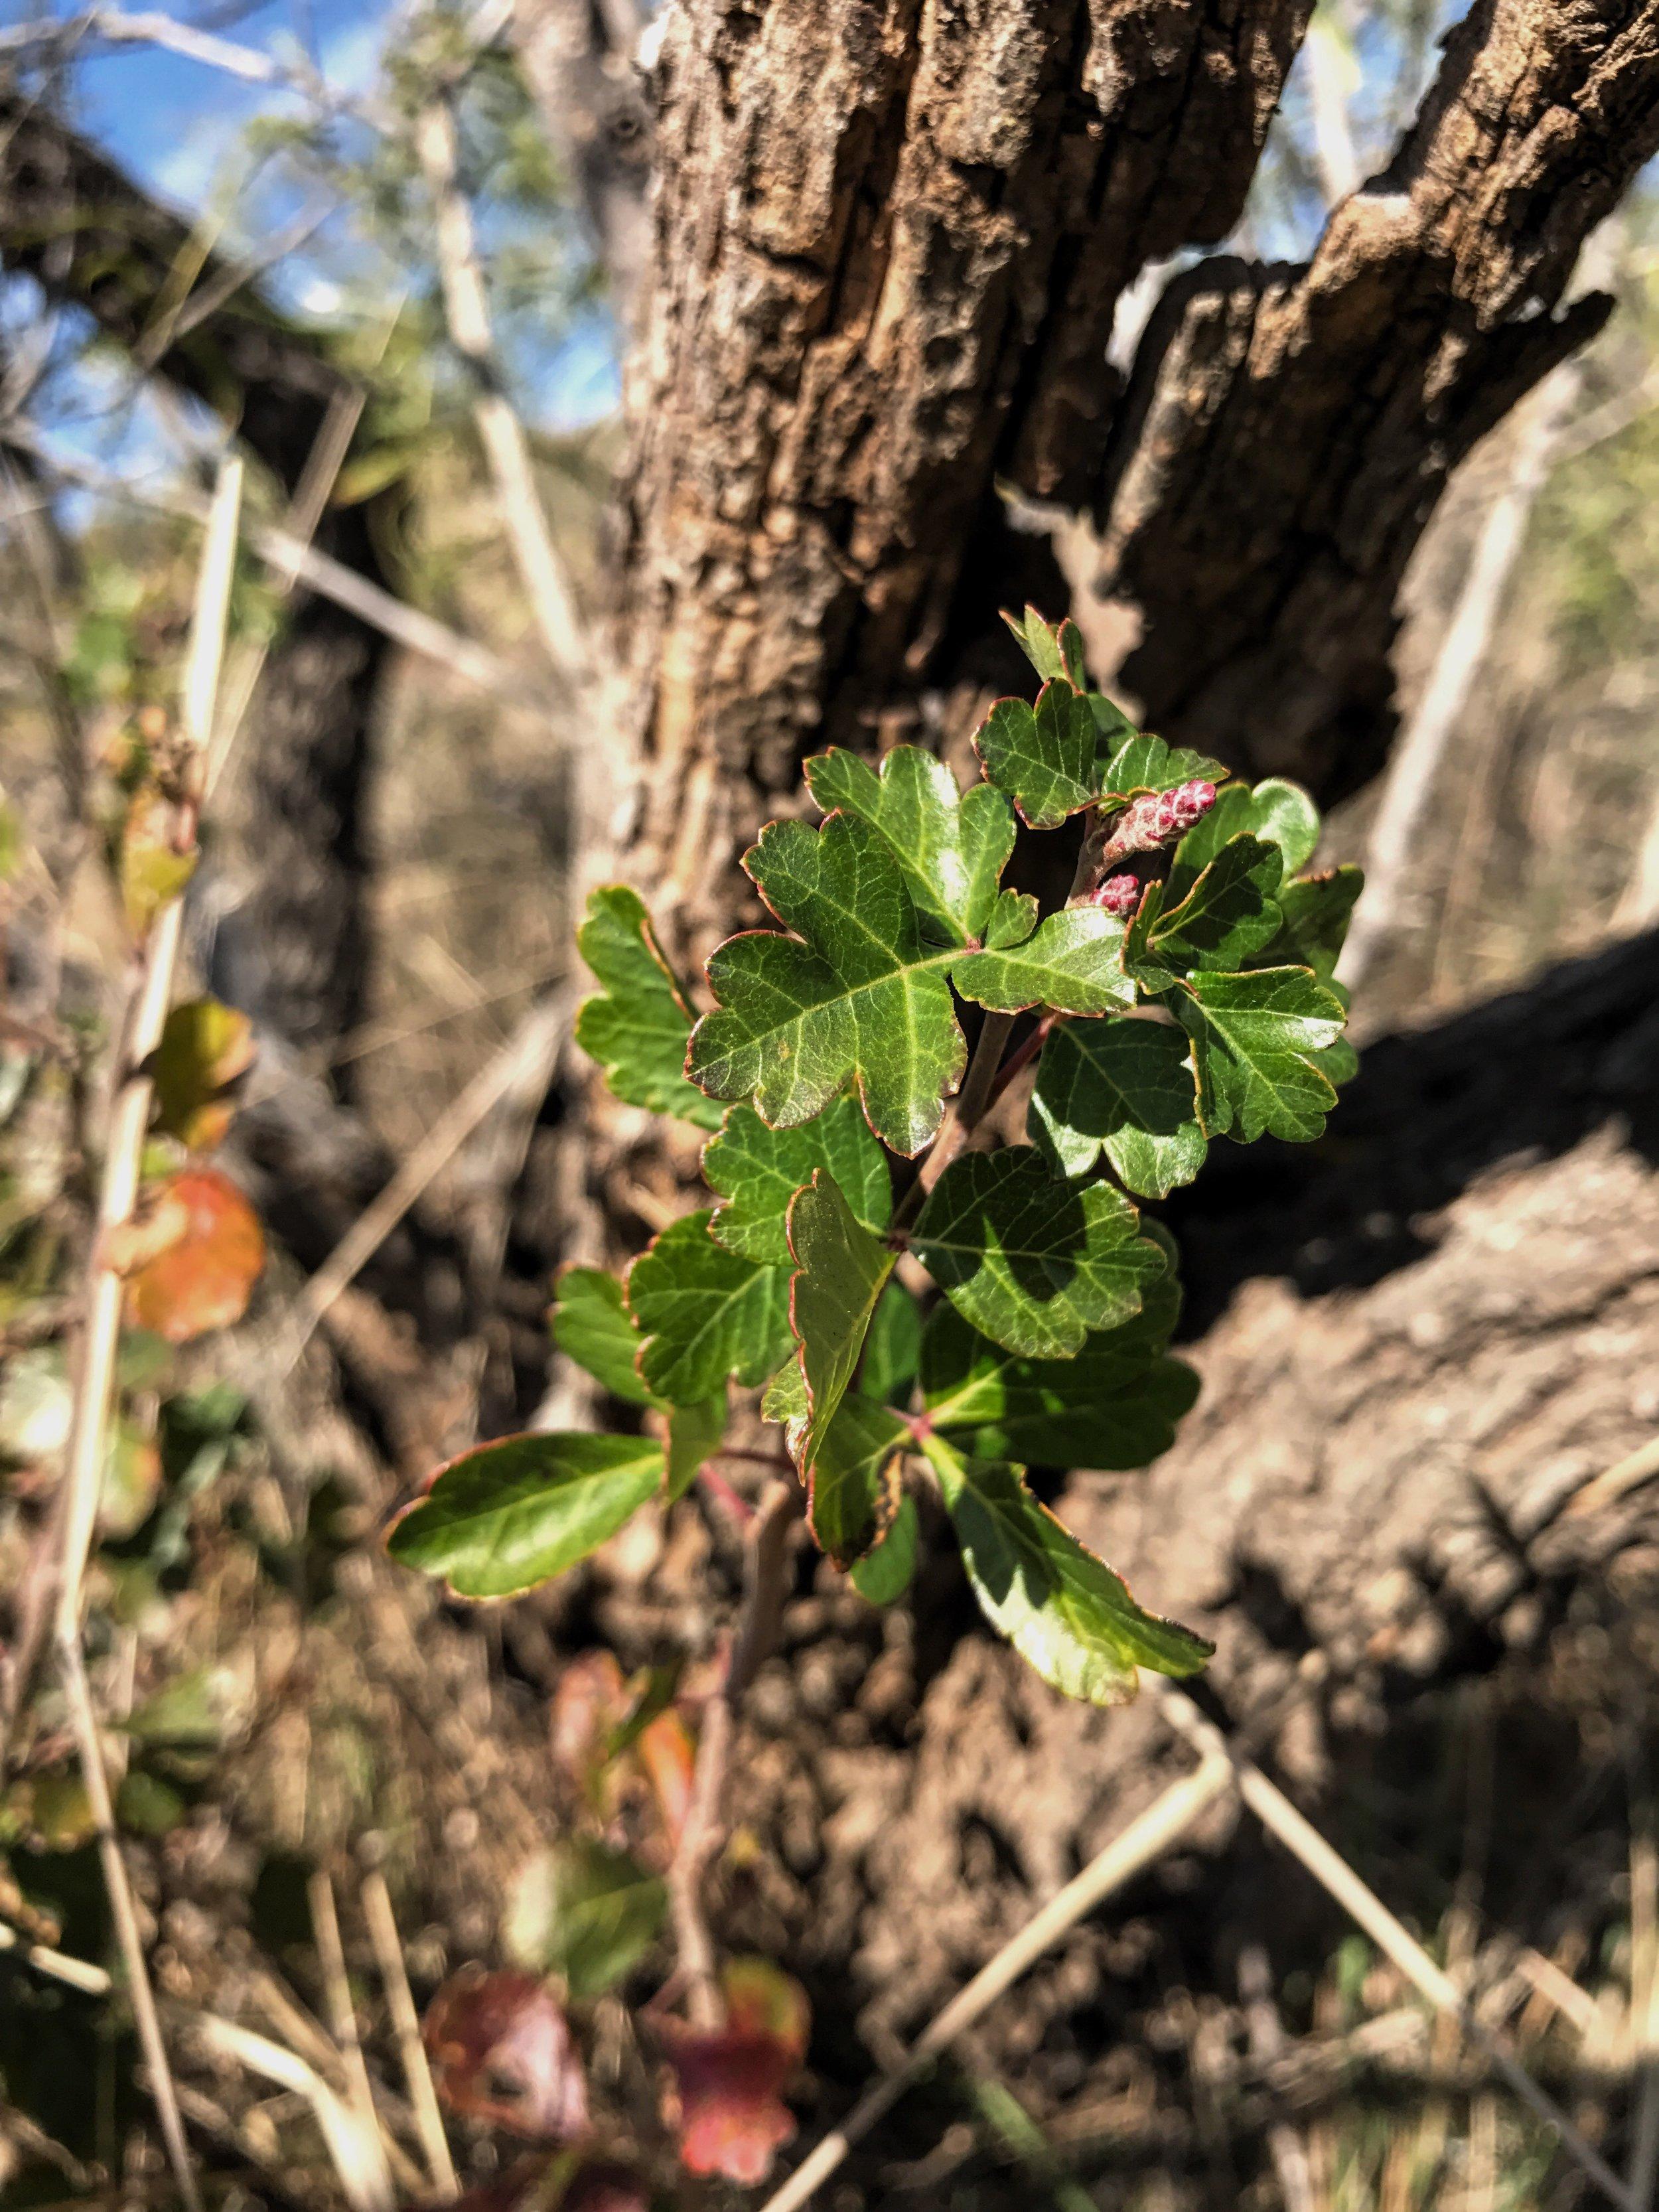 Rhus aromatica, Fragrant Sumac